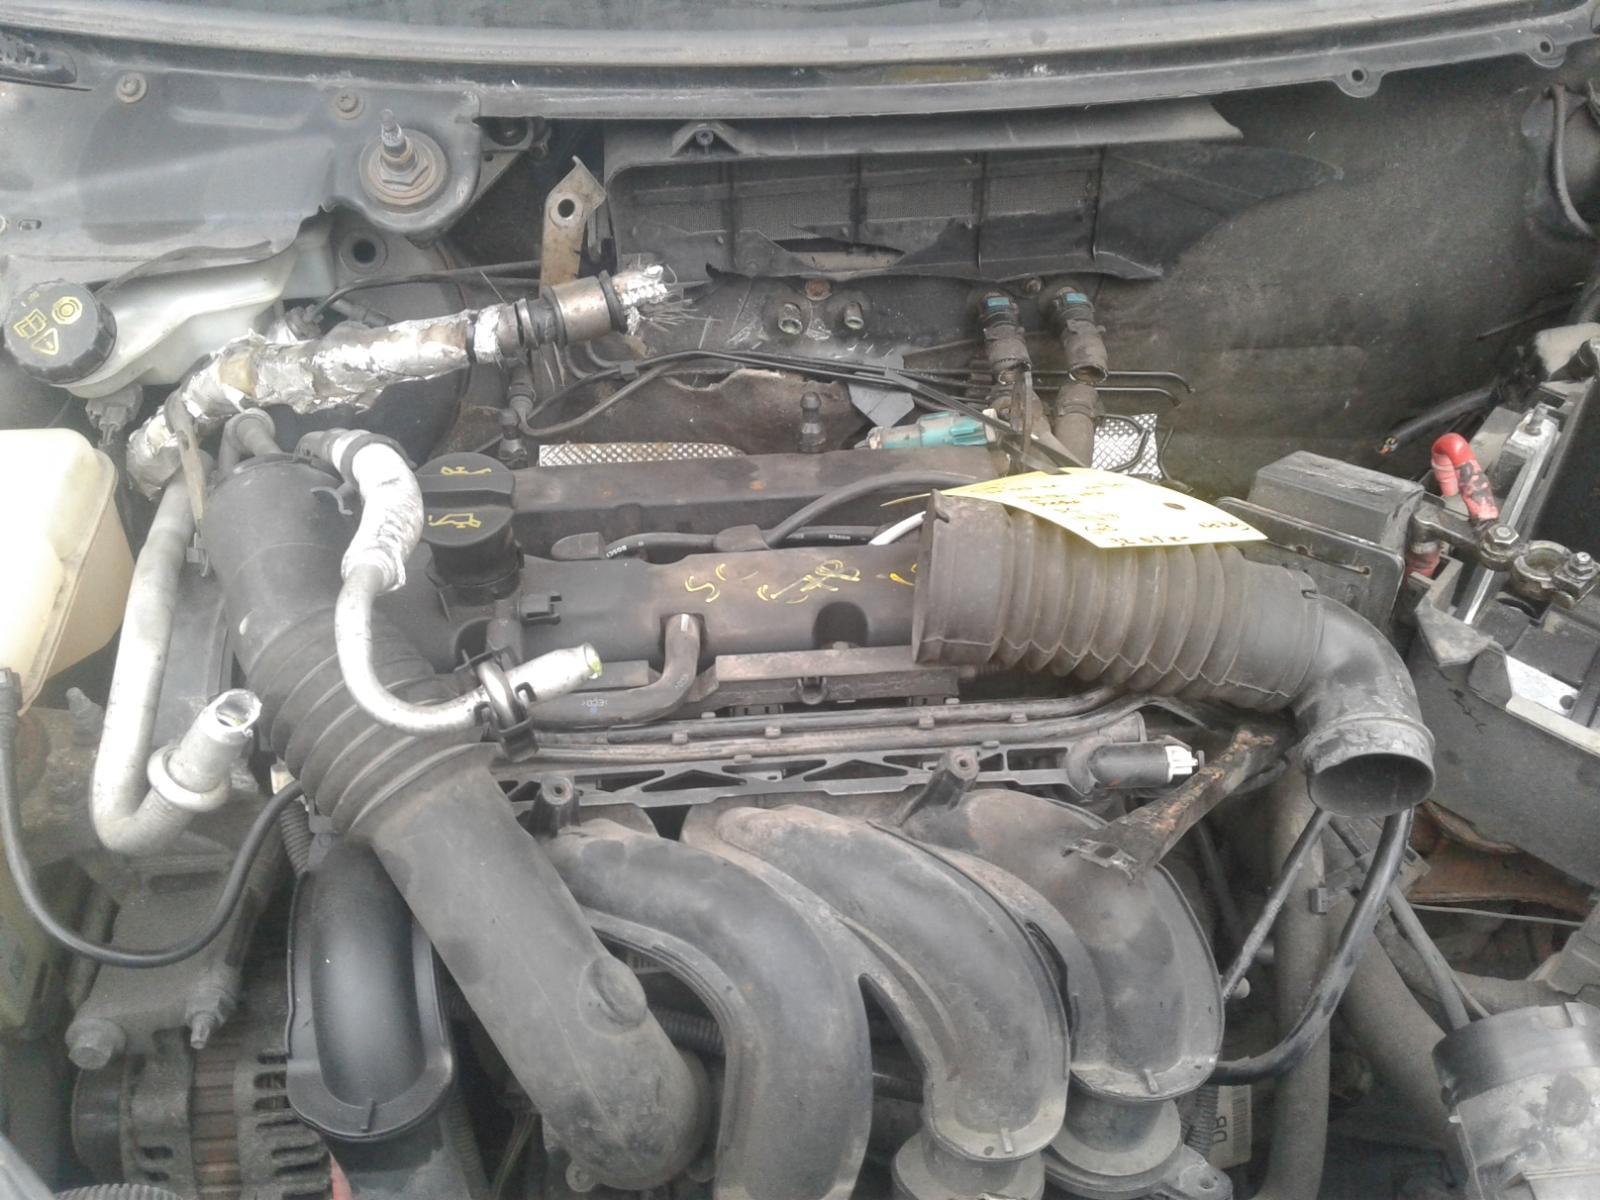 Image for a FORD FIESTA 2004 3 Door Hatchback